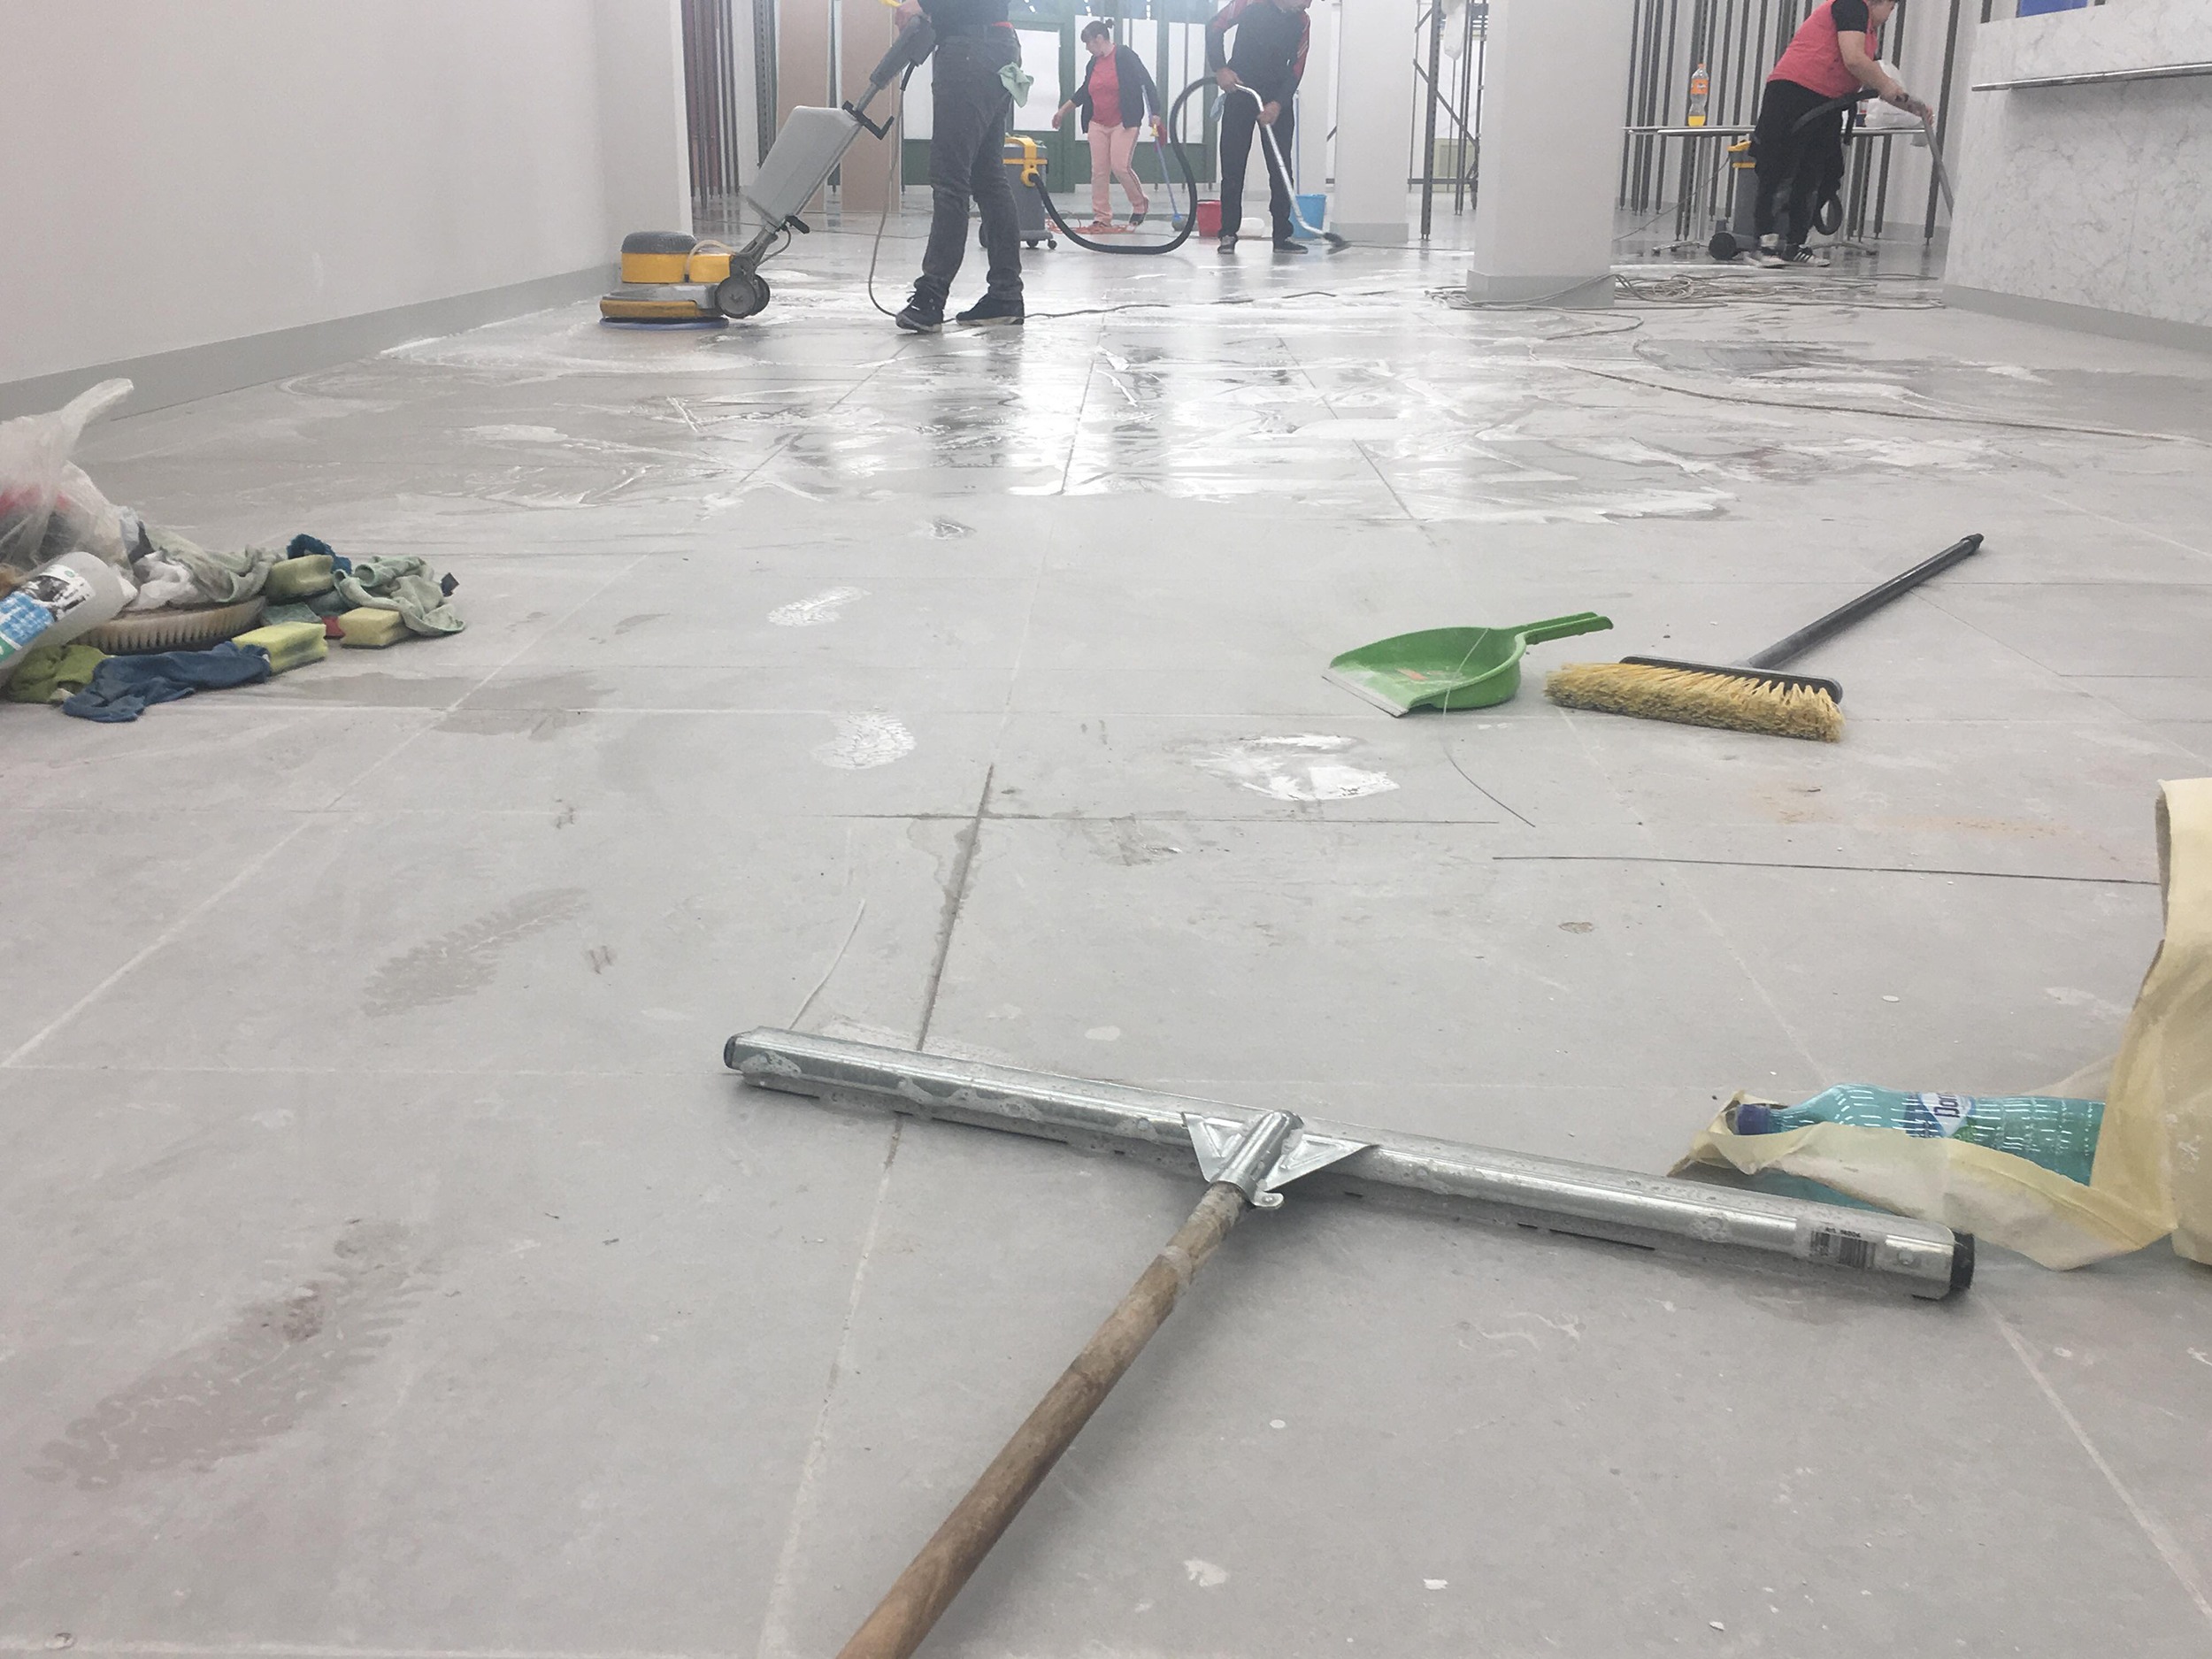 Curatenie spatiu comercial dupa renovare - Firmă de curățenie, soluția perfectă de a face